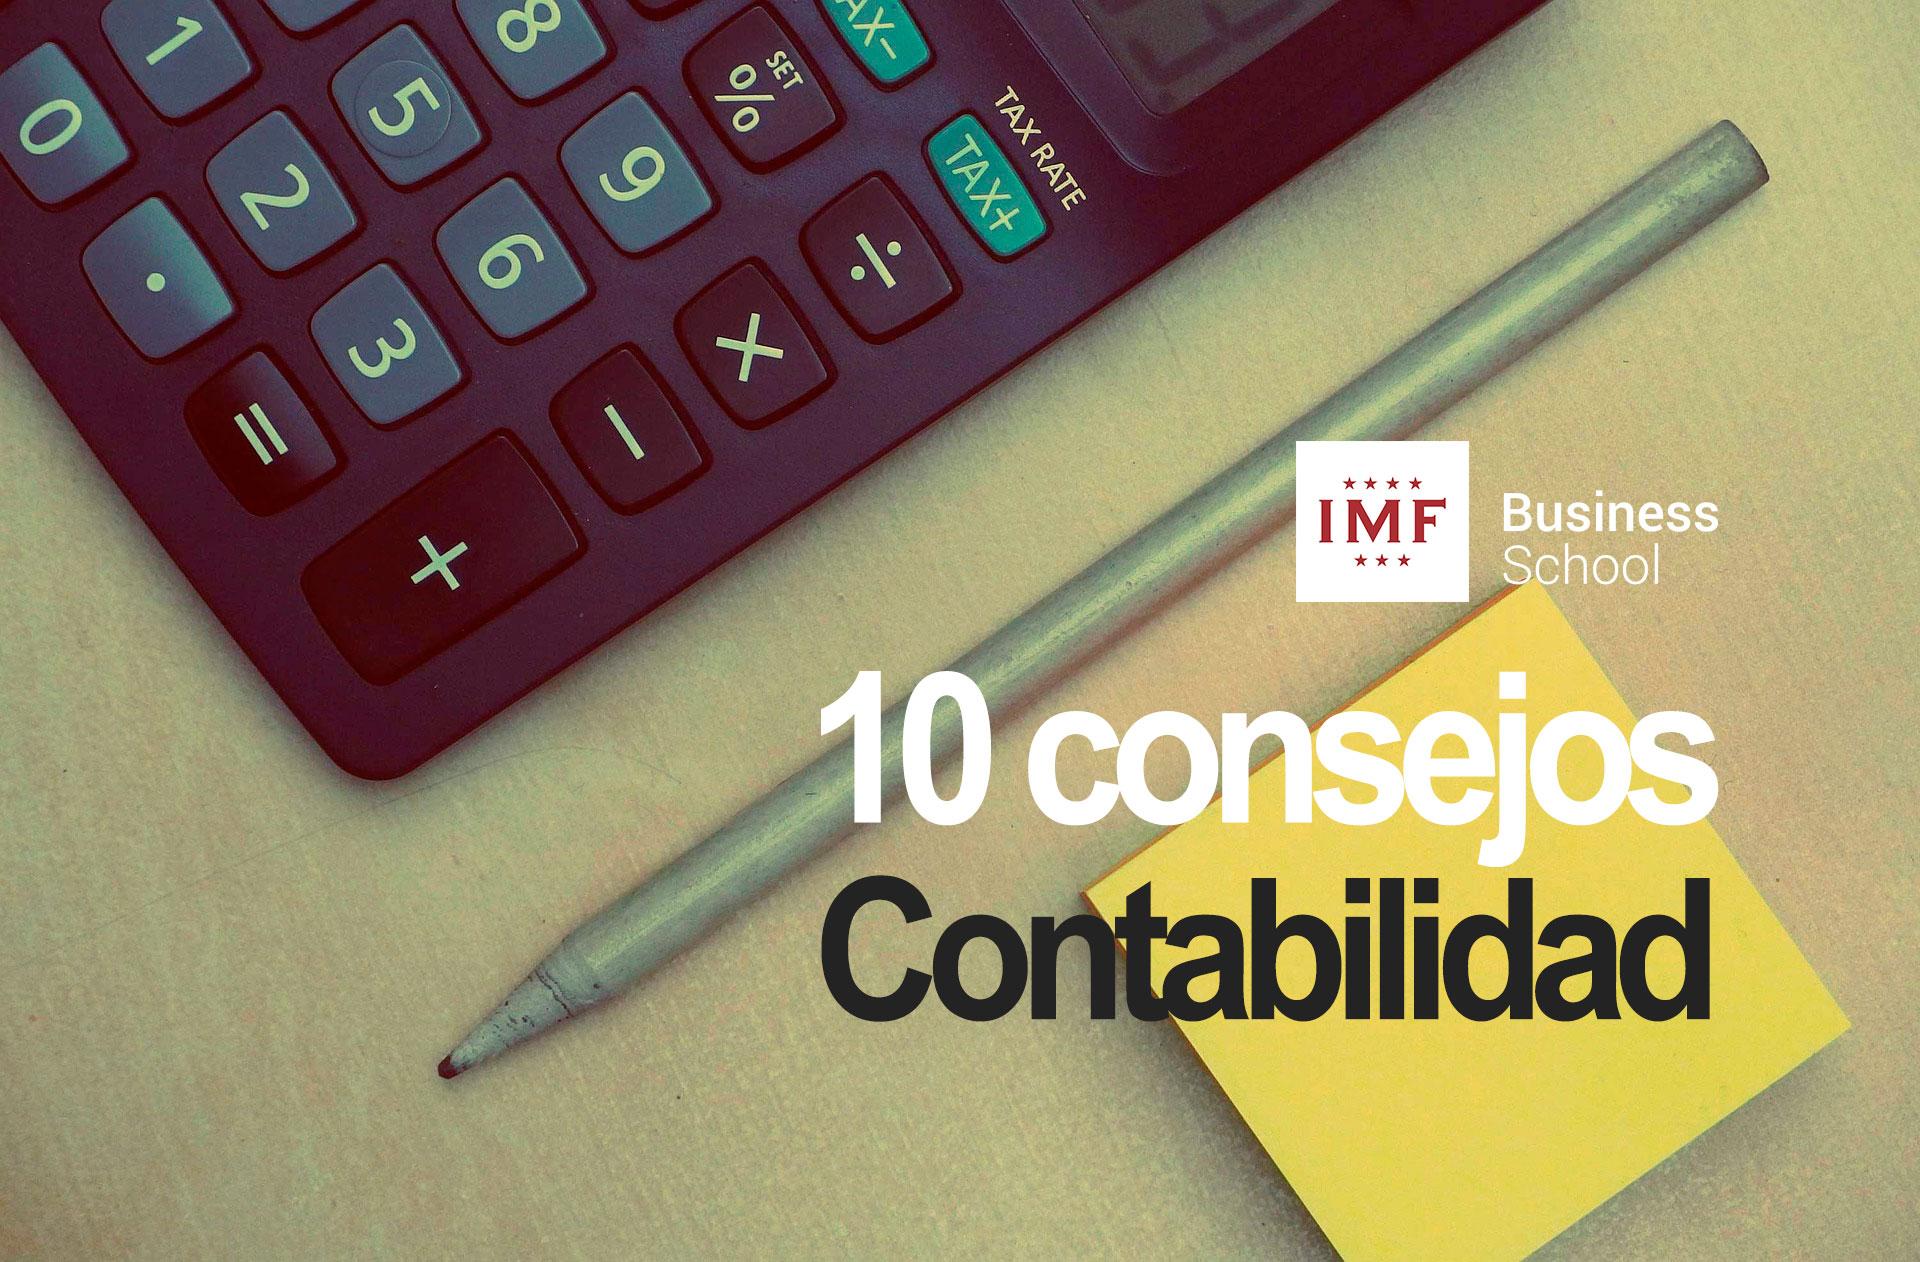 consejos-contabilidad 10 consejos para realizar una contabilidad fácil y veraz